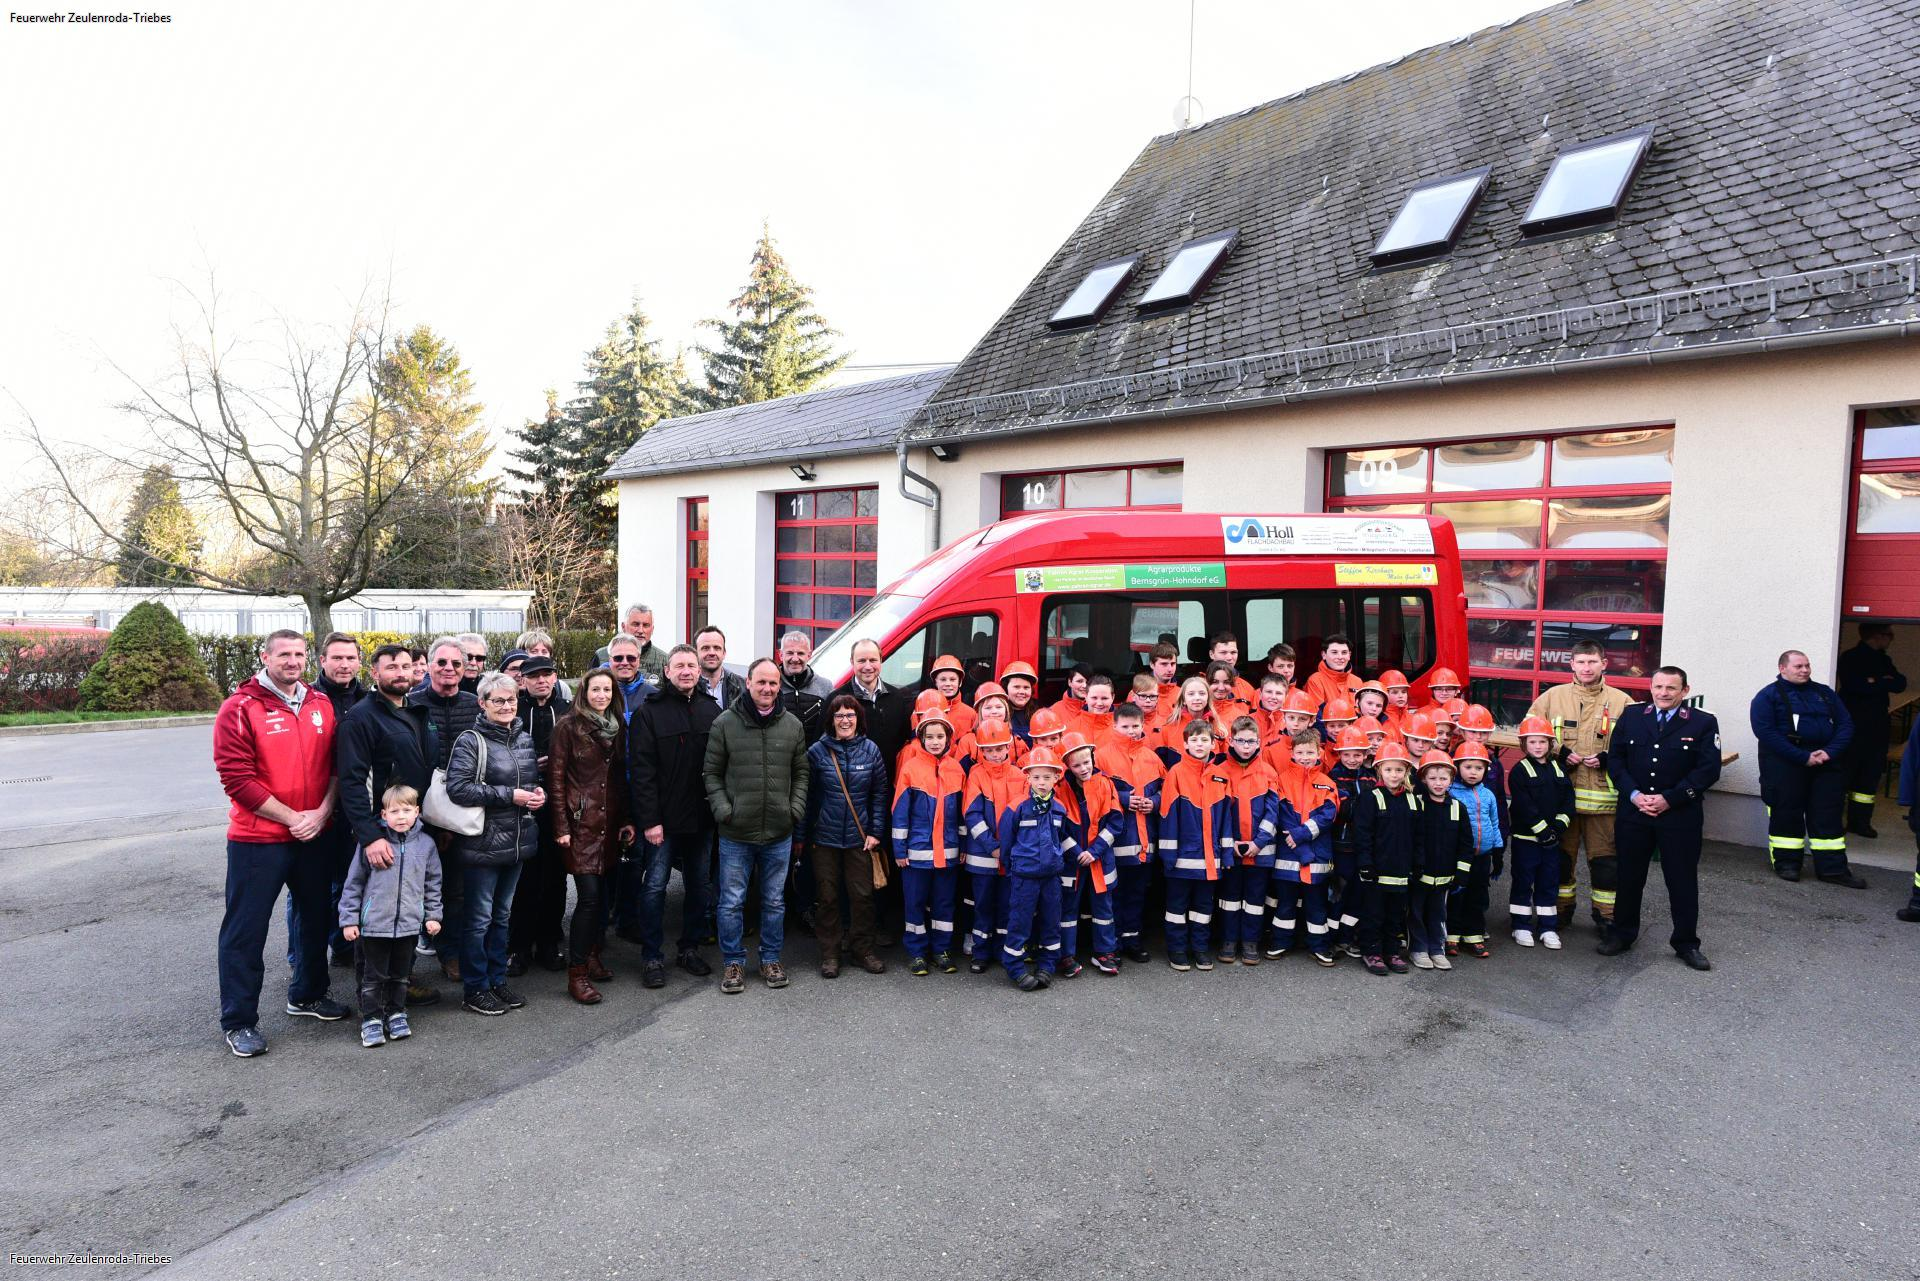 Feuerwehr Zeulenroda-Triebes steckt viel Energie in die Jugendarbeit